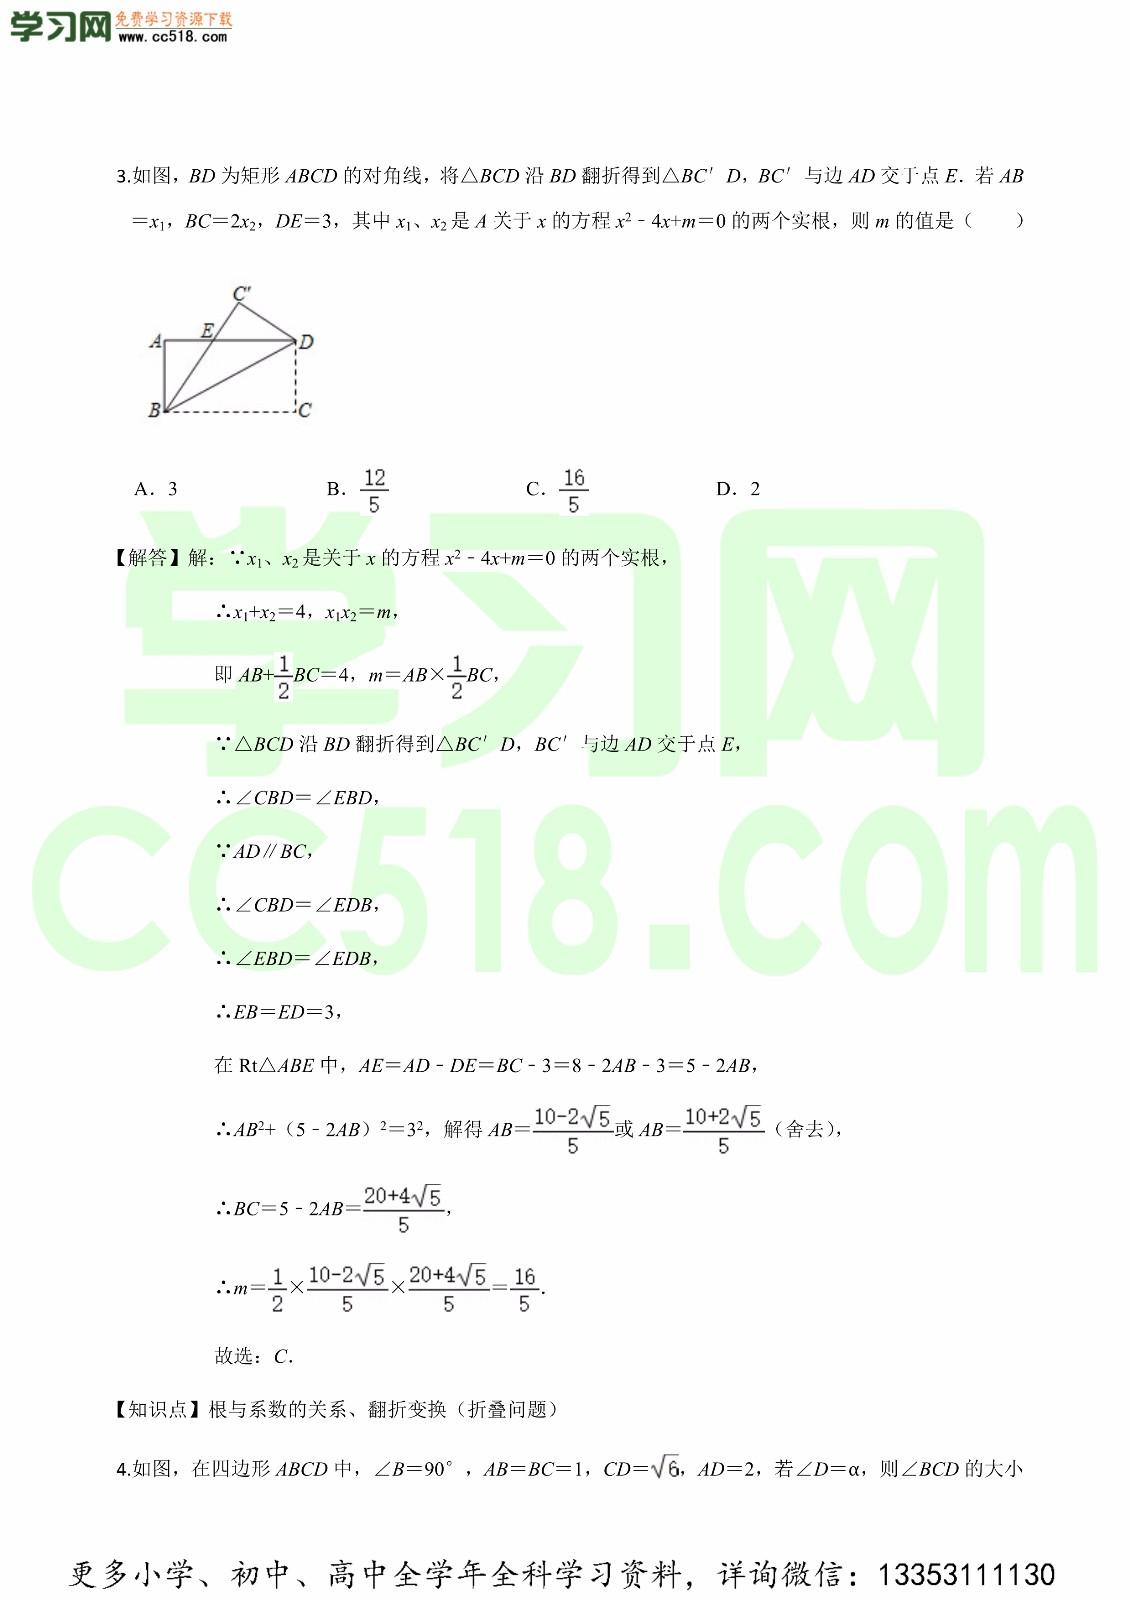 2020-2021学年人教版初三数学上学期期中测试卷(含答案及解析)